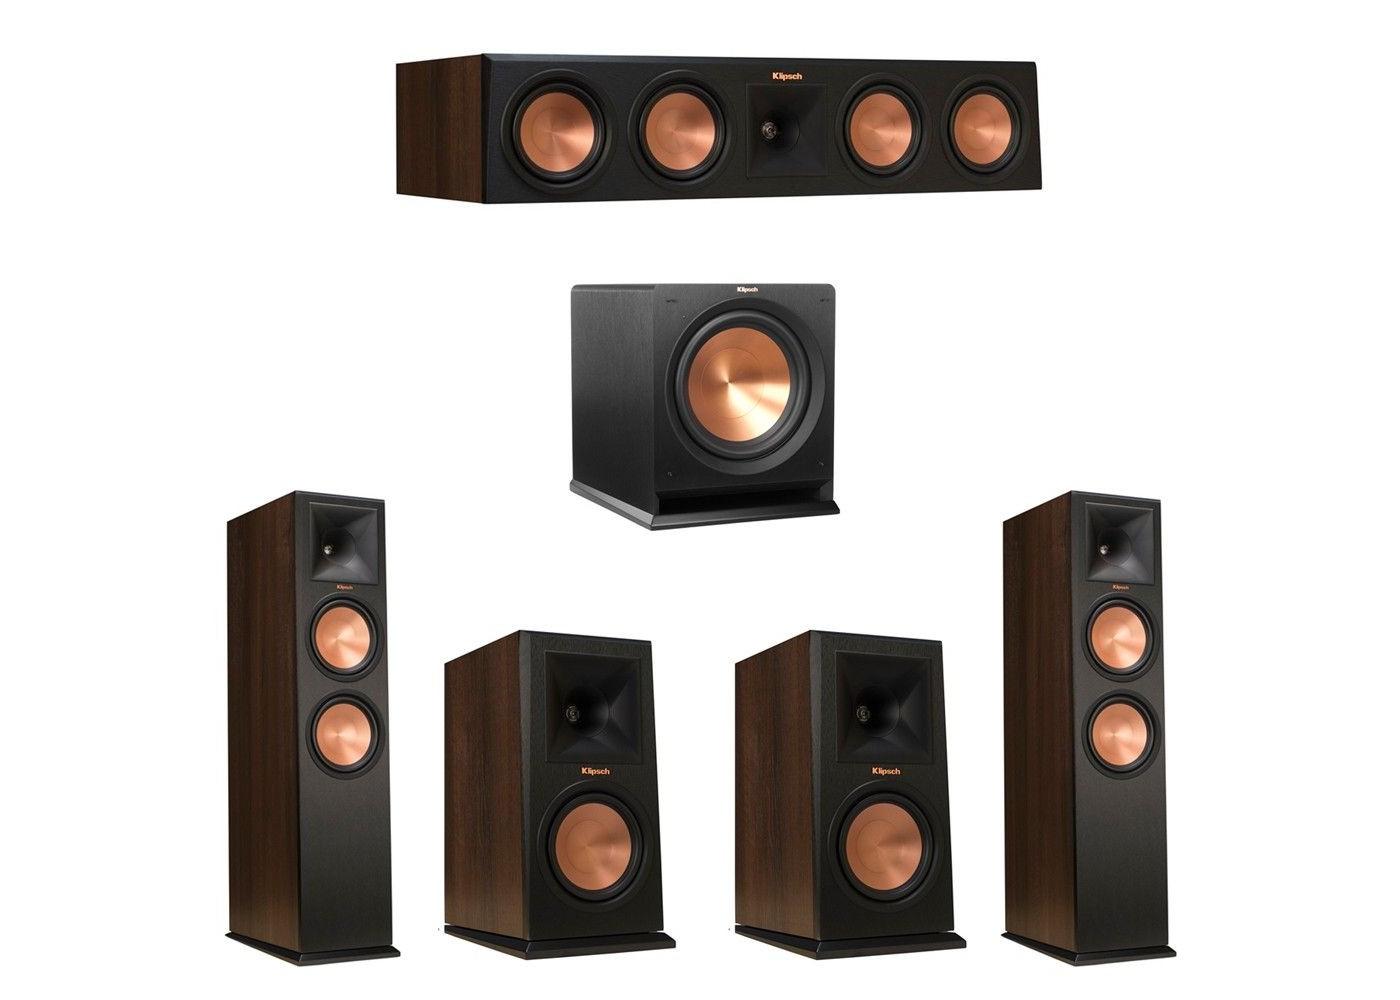 Klipsch 51 Walnut System With 2 RP 280F Tower Speakers 1 450C Center Speaker